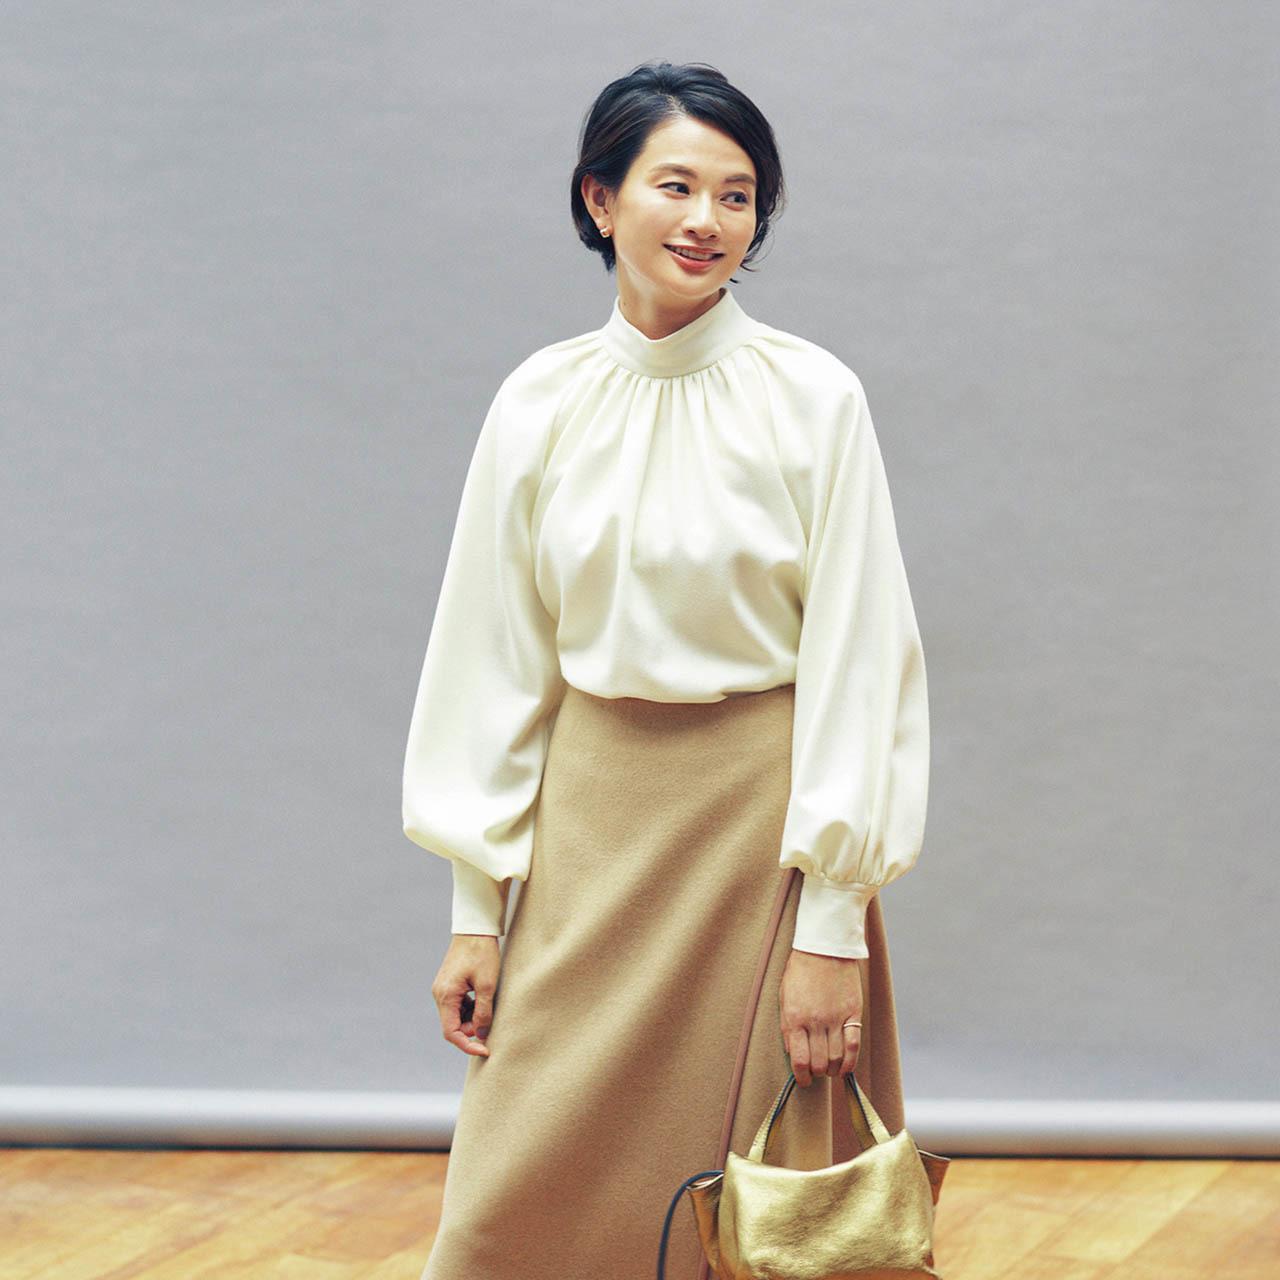 白ブラウス×スカートのファッションコーデ